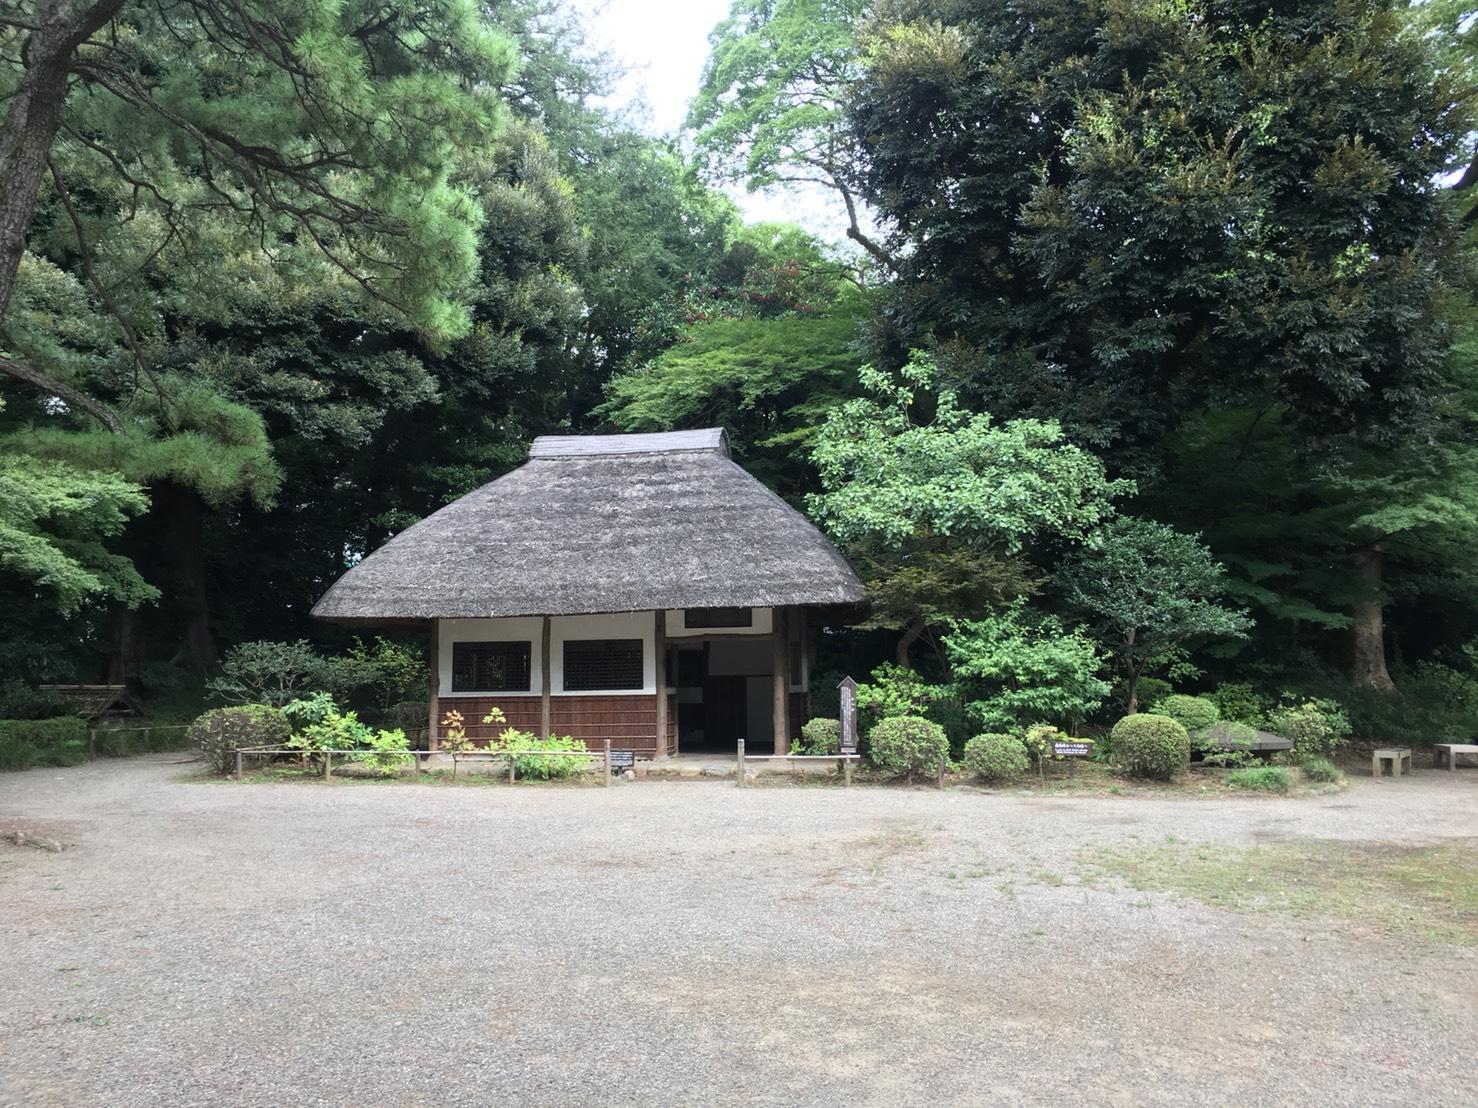 【飯田橋駅】江戸時代の中国趣味豊かな景観で一句「小石川後楽園」の庭園7